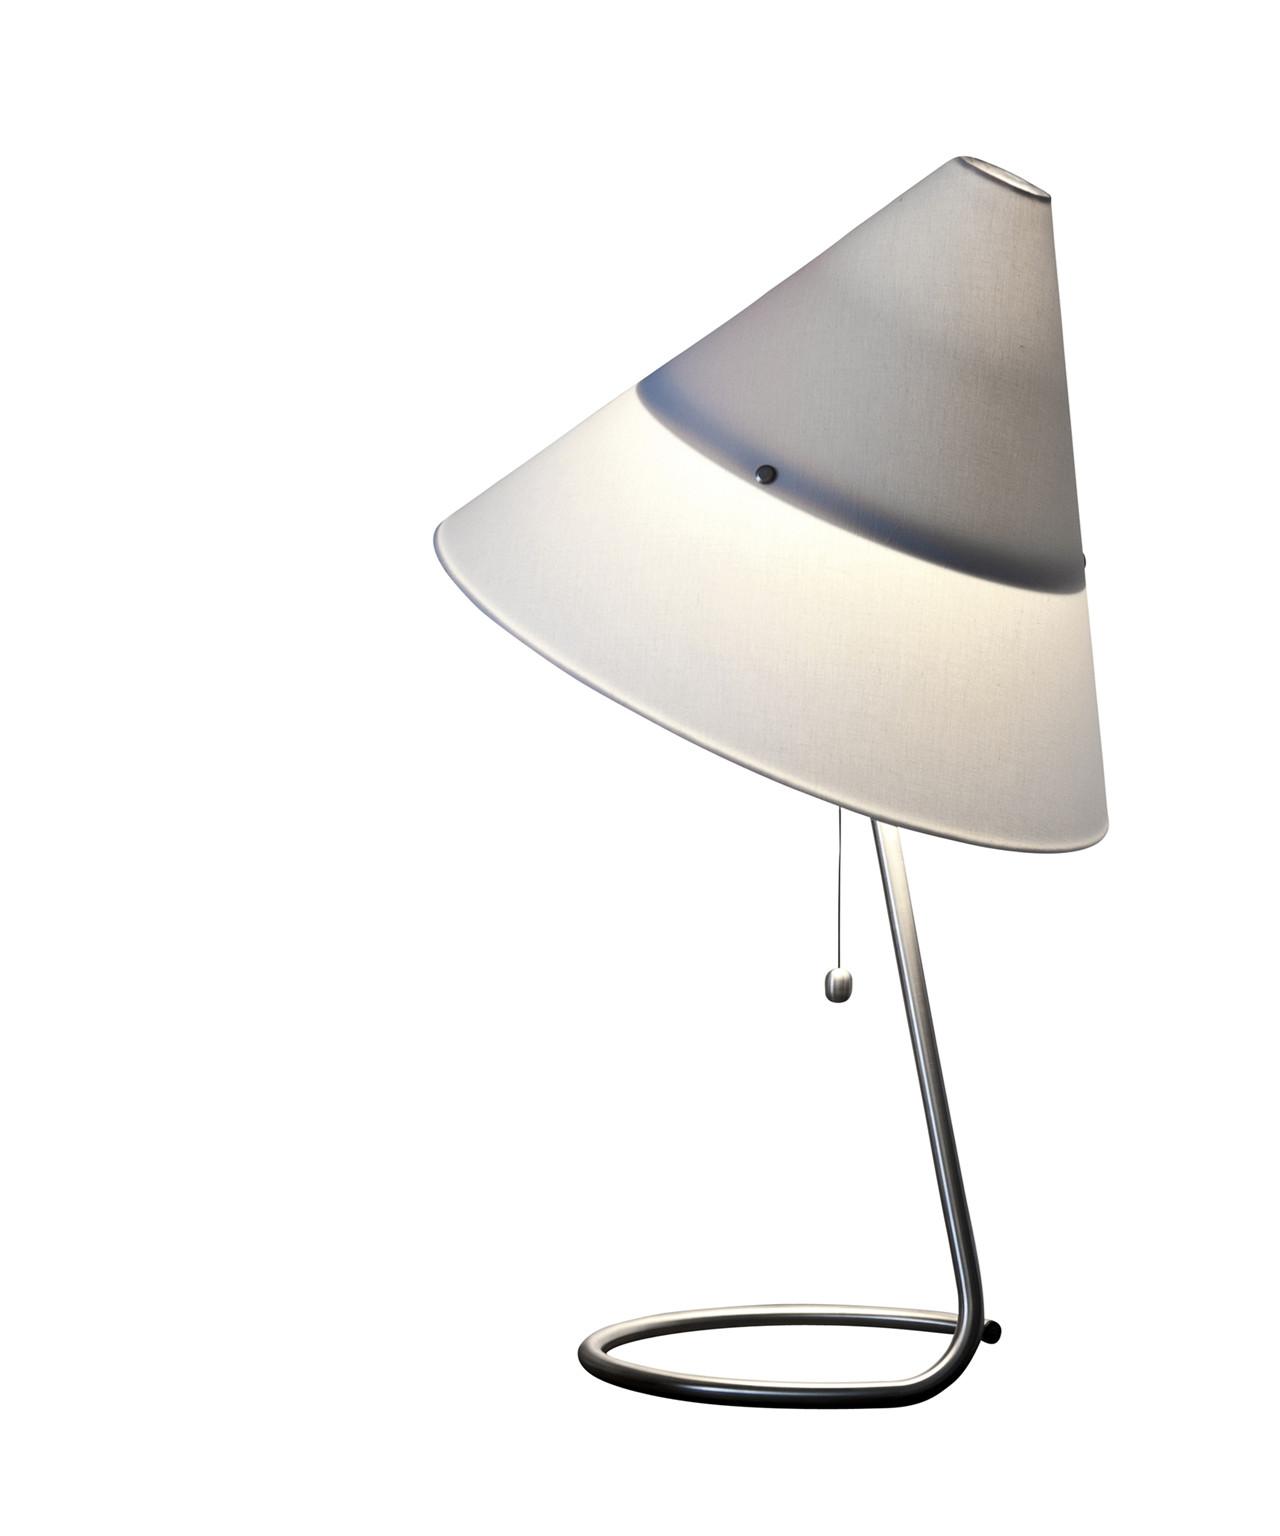 Design Piet Hein for Piet Hein KonceptFunco Bordlampen er over 80 år gammel, men designet er stadig up to date og populært.  Skærmen er af bomuld samt metal, og kan nemt drejes for at sprede lys i alle retninger. Stofledningen er sort og løber ud fra den rustfri stålfod, hvor den fortsætter linjeføringen.